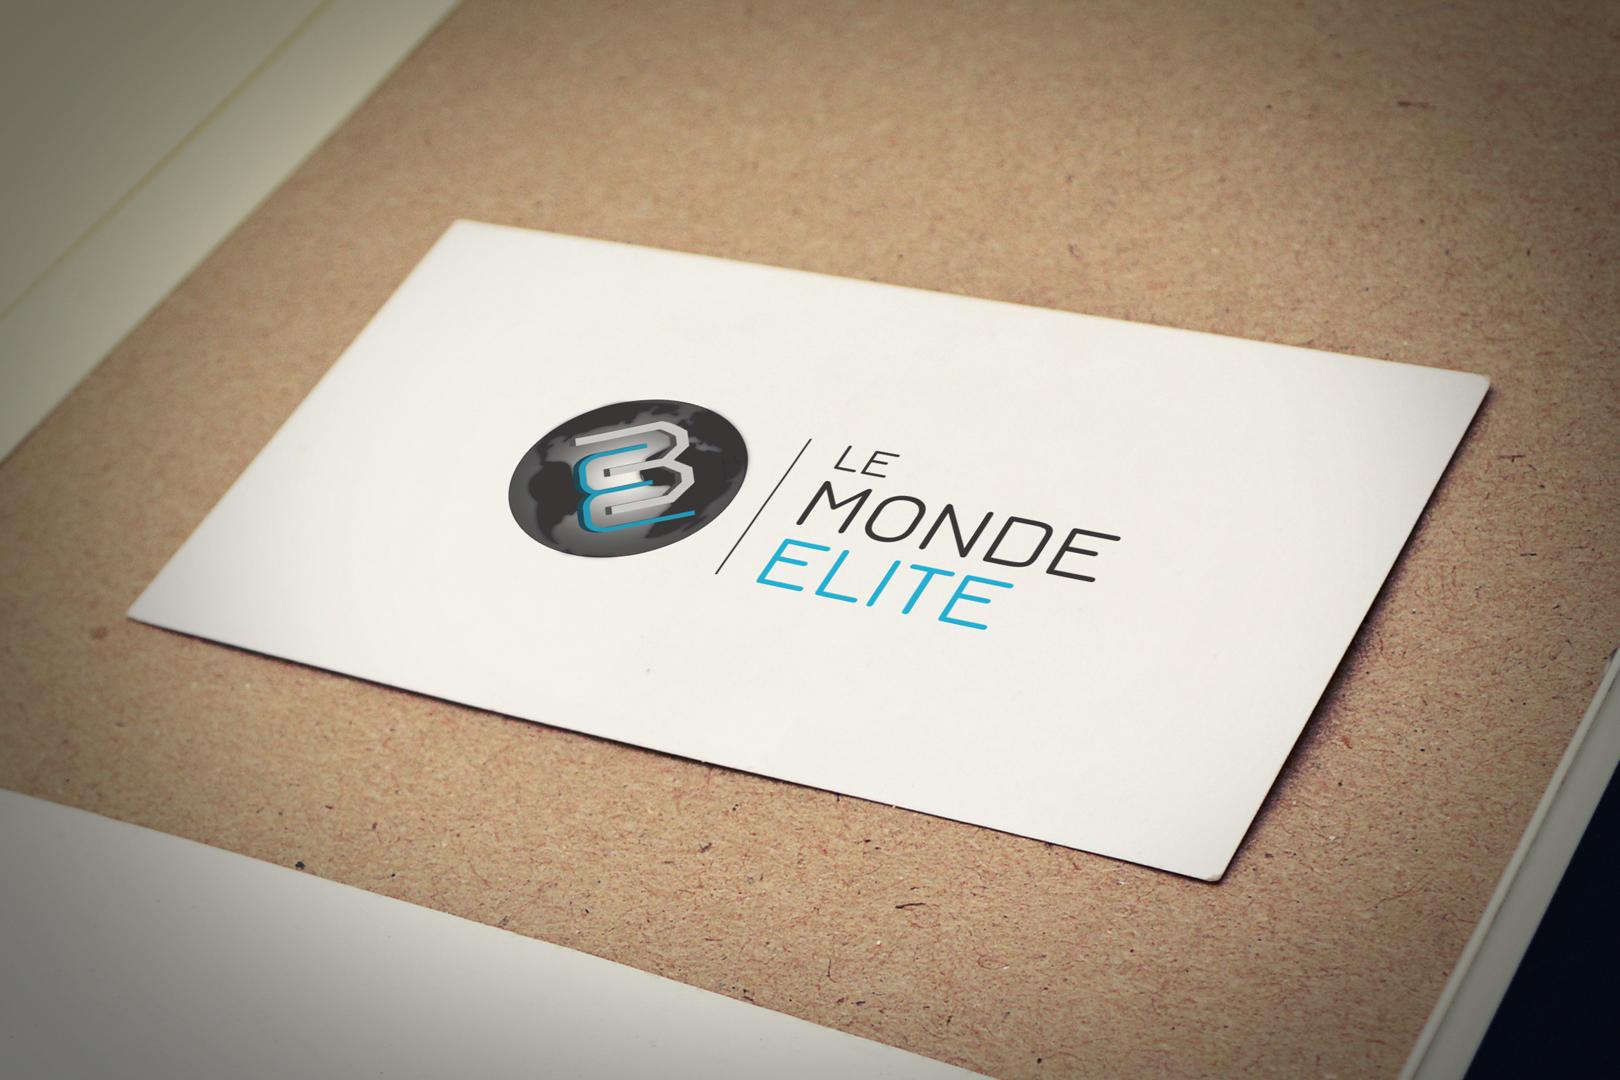 lemondeelite-logo